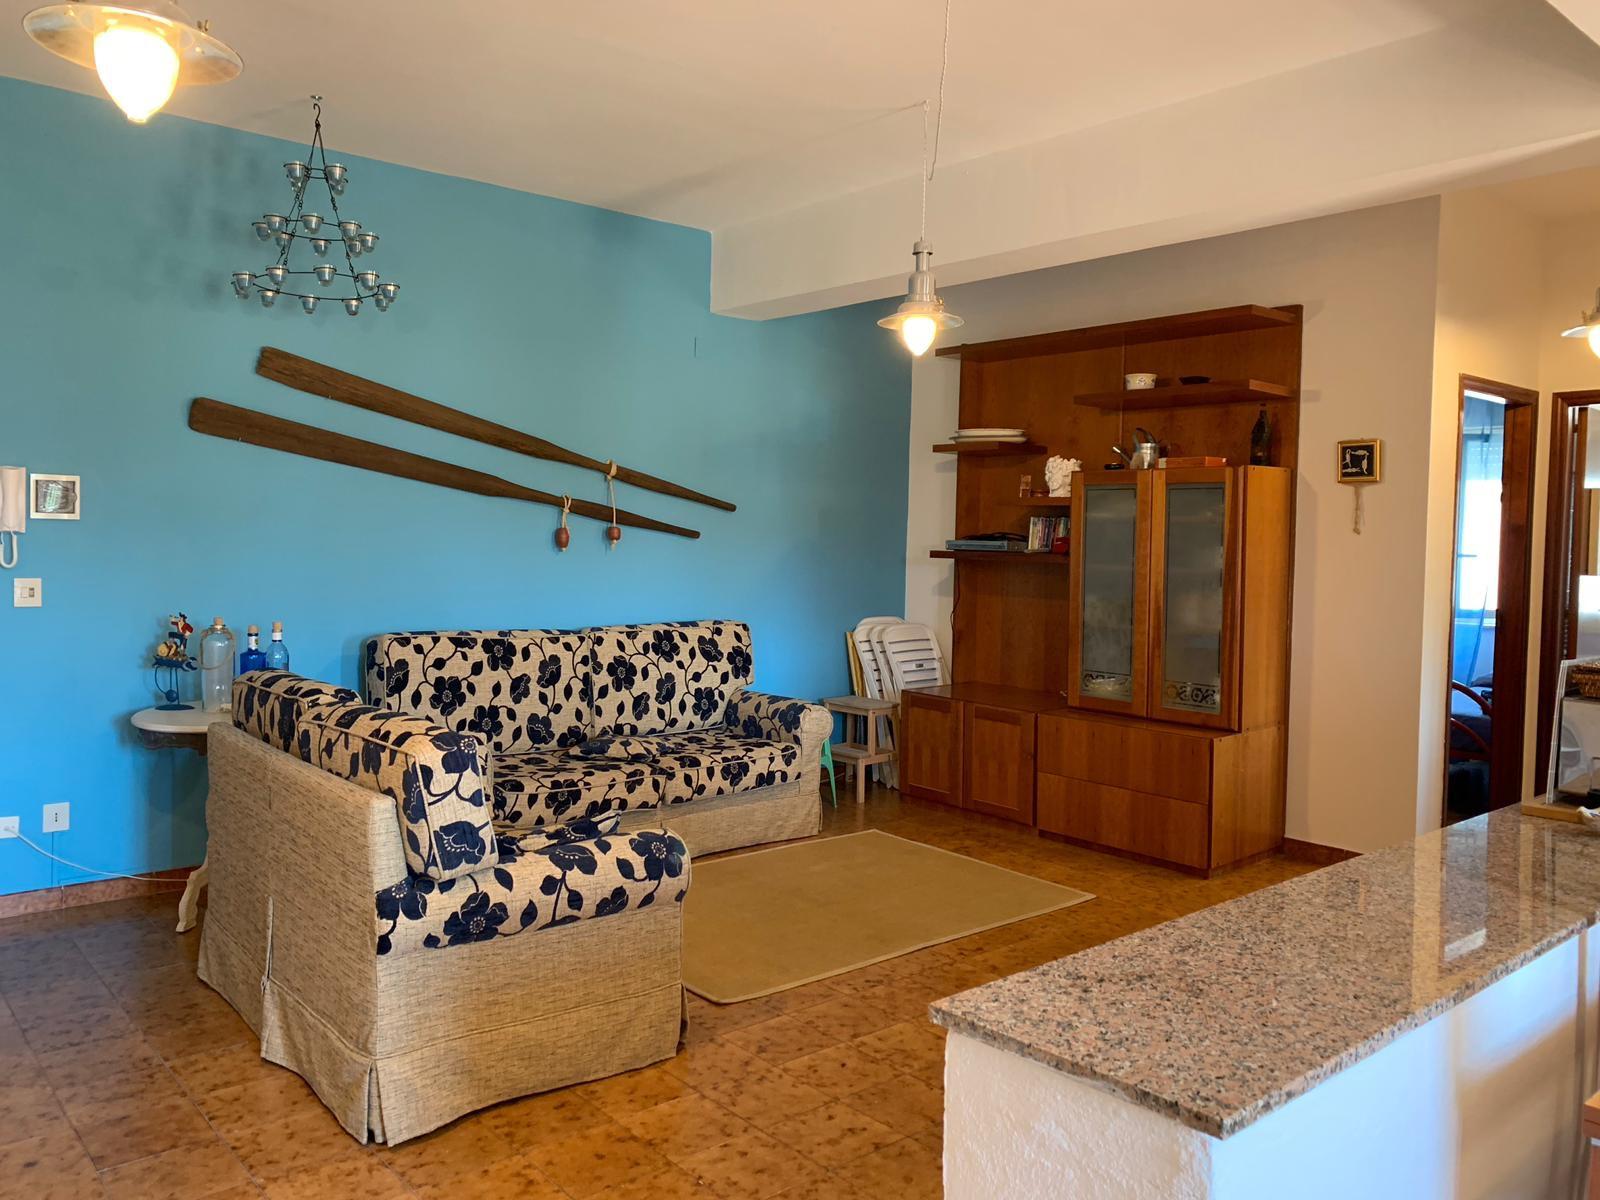 Casa & Co Milazzo la casa azzurra con terrazza - condominiums for rent in